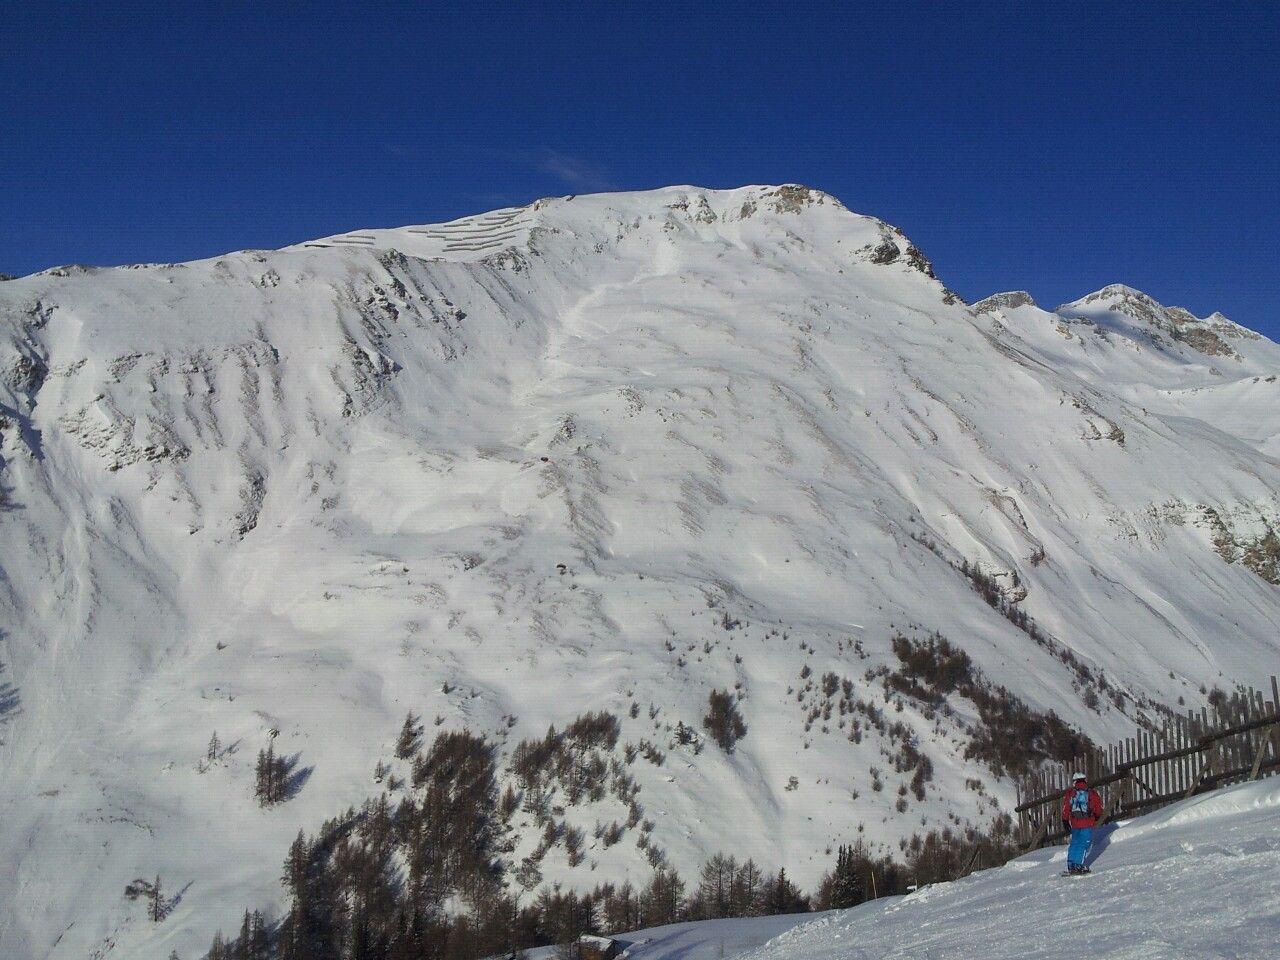 Big Mountain #Fleissroute @heiligenblut #Austria #Carinthia